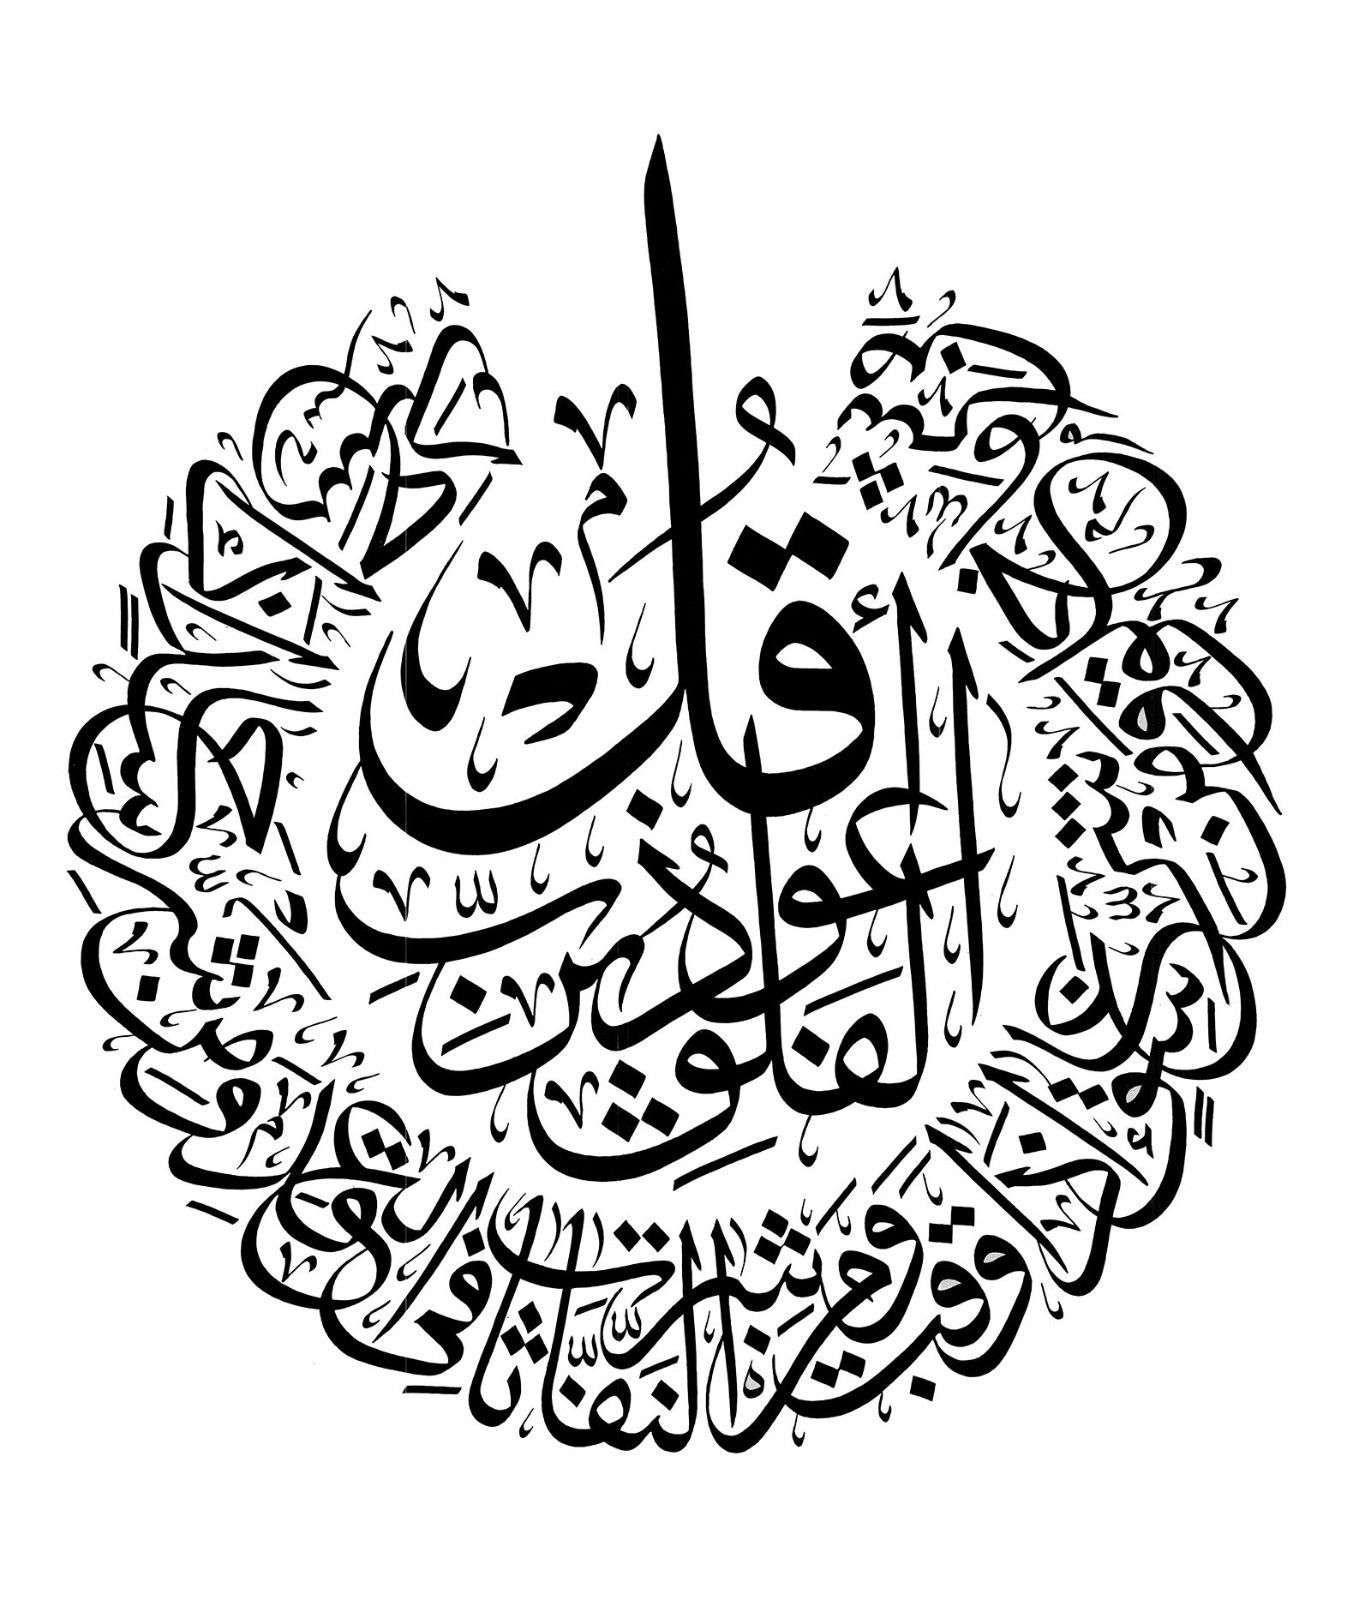 Felak Suresi Arapça kaligrafi sanatı, Islam hat sanatı